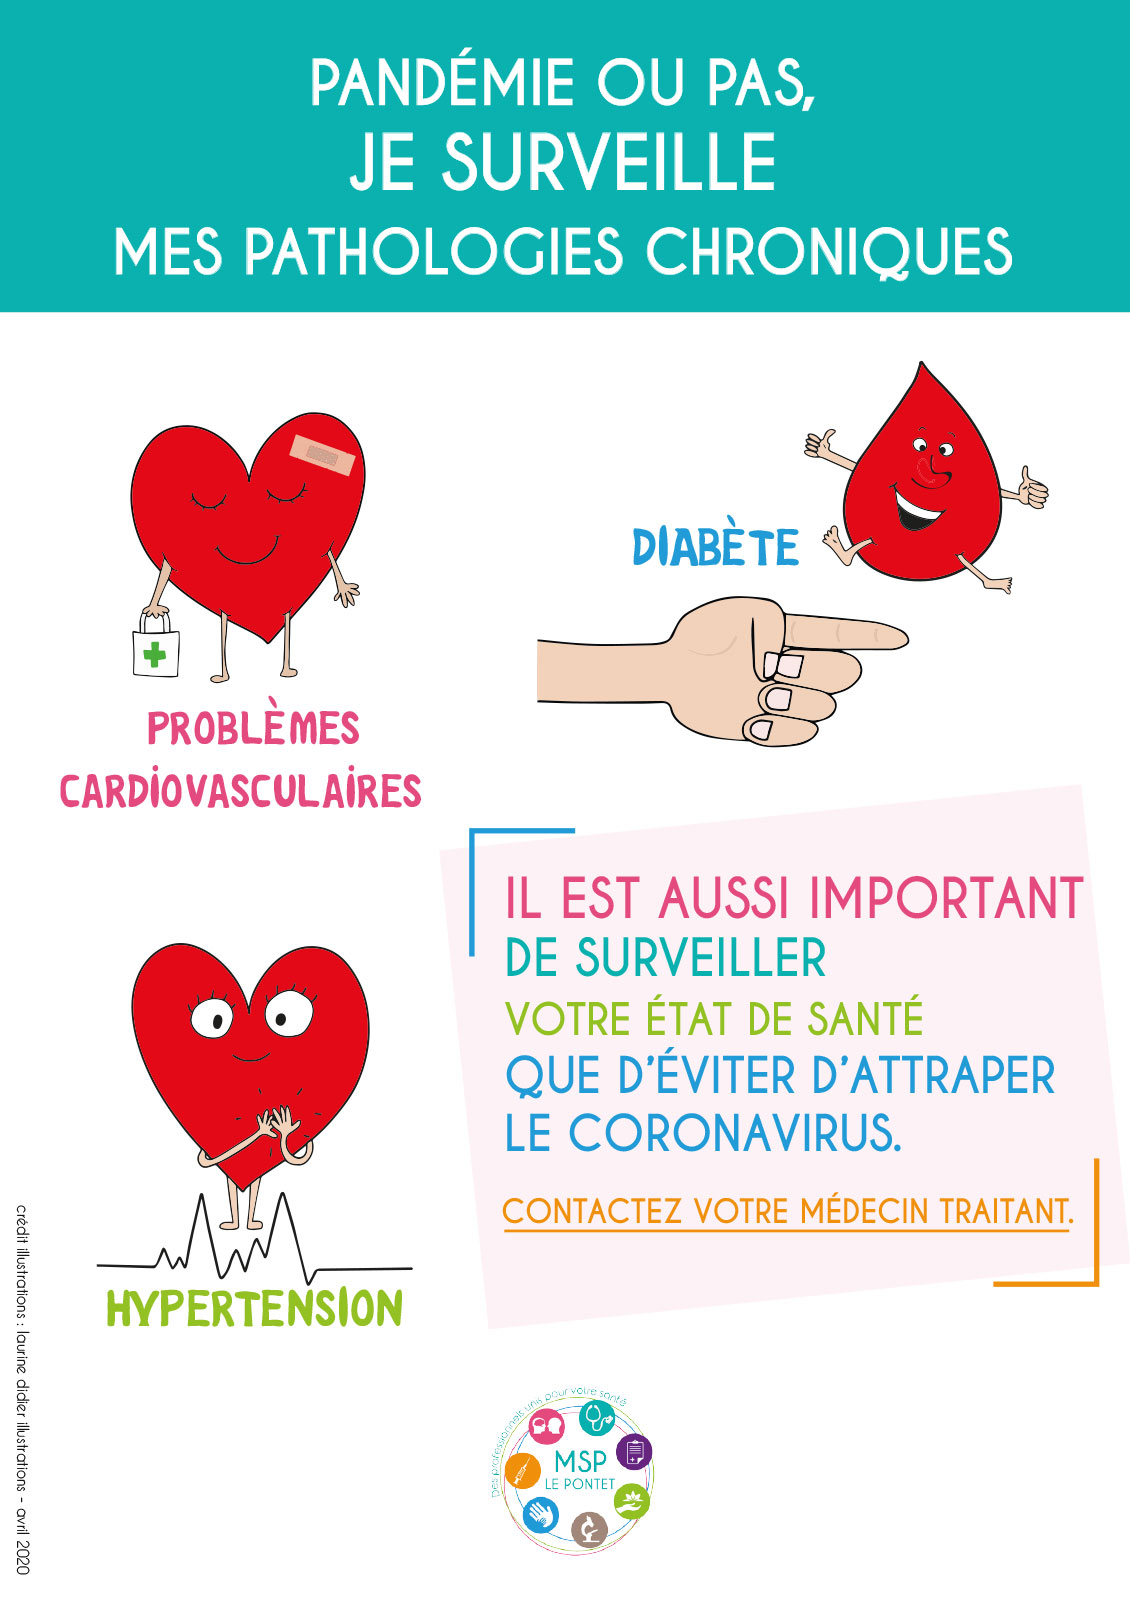 MSP Le Pontet 84, maladies chroniques © Laurine Didier Illustration